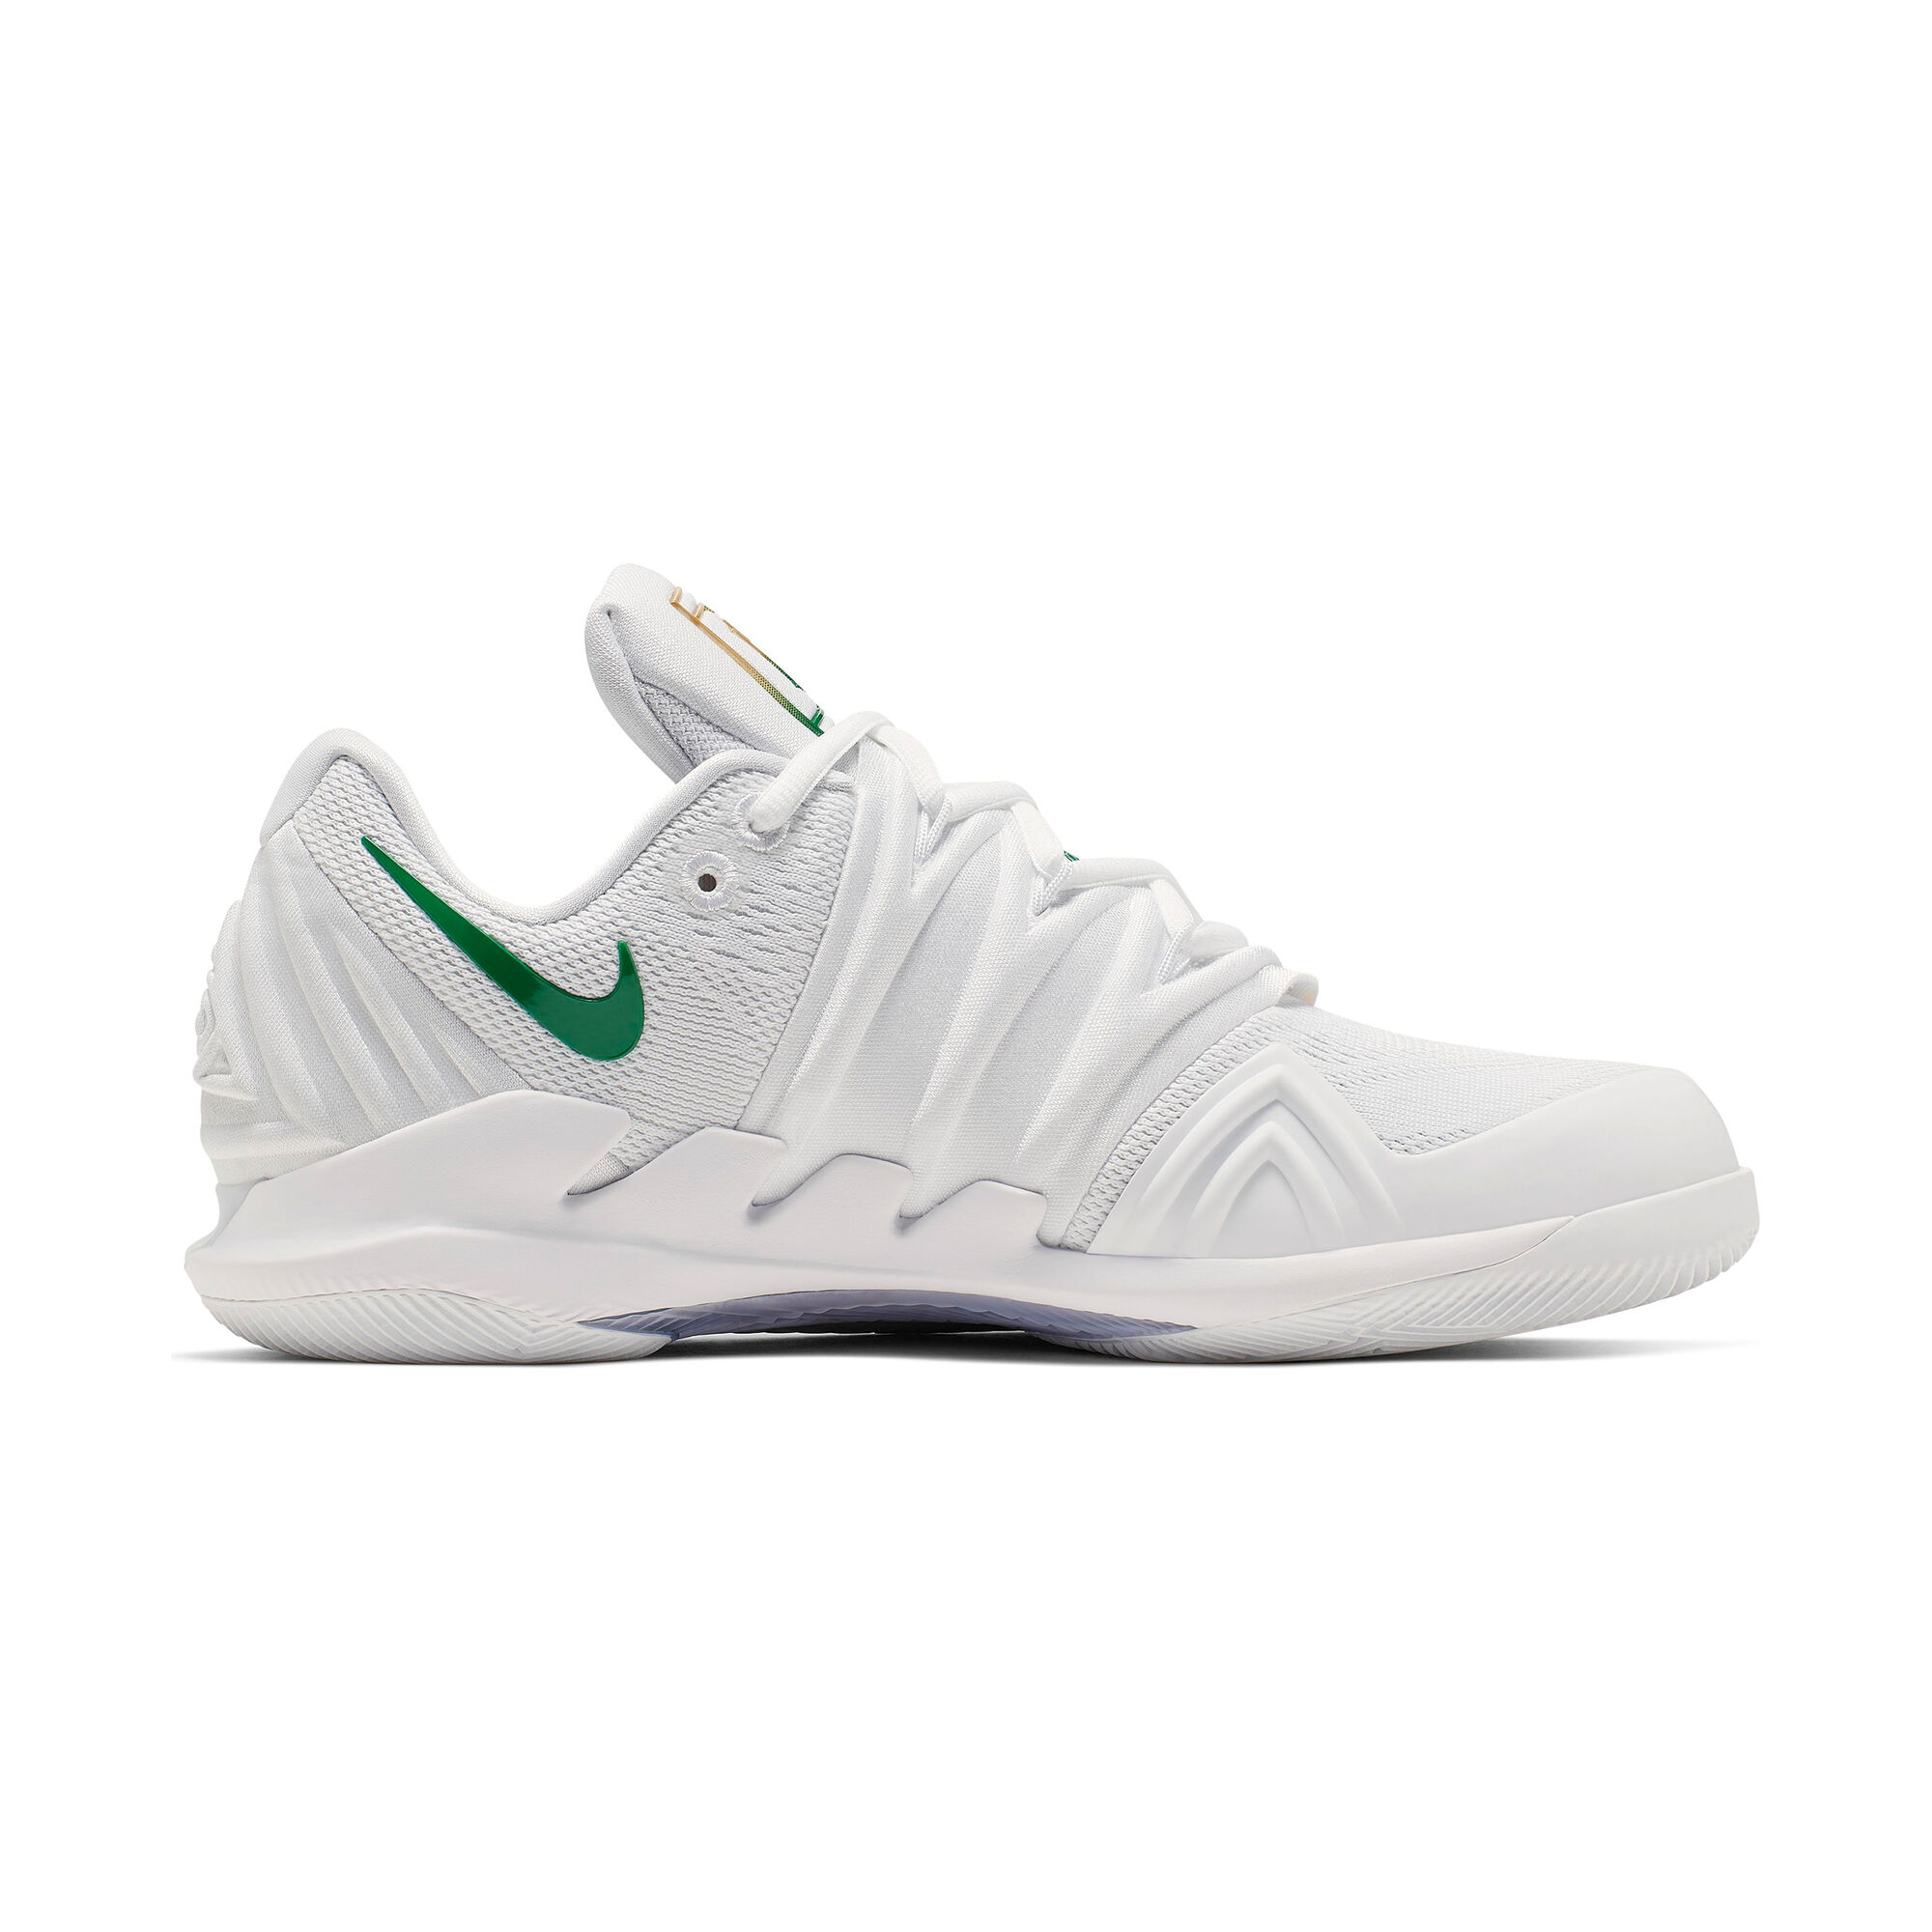 c886fca83183 Nike Air Zoom Vapor X Kyrie V Chaussure Tout Terrain Hommes - Blanc ...